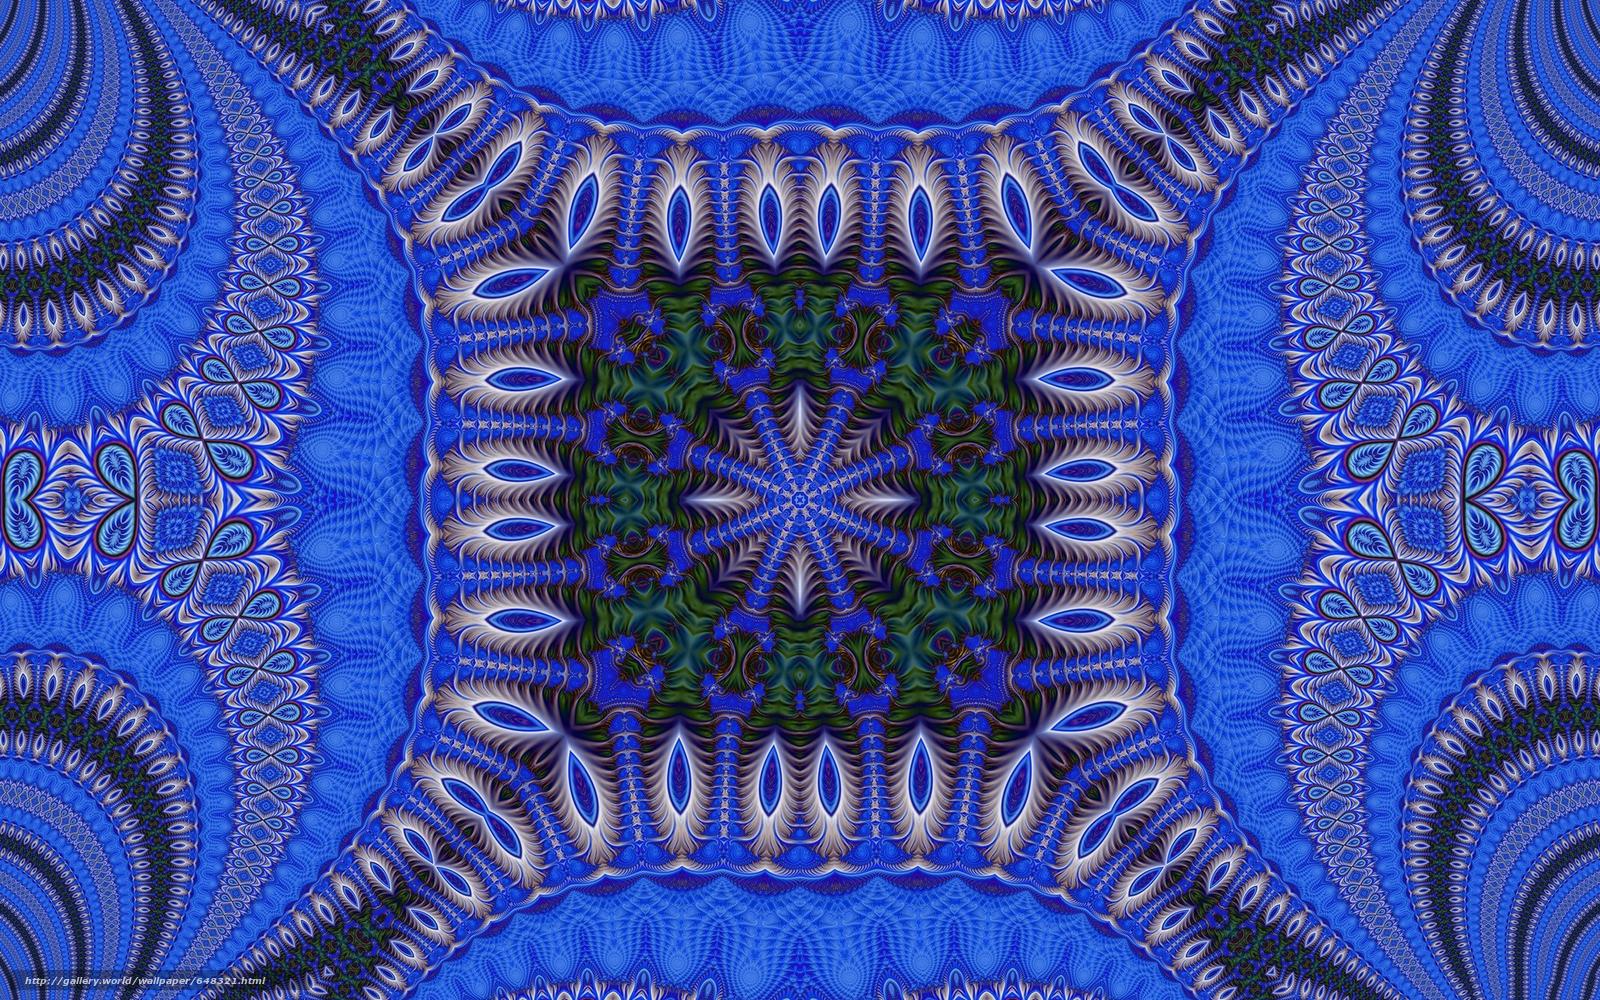 Скачать обои симметрия,  геометрия,  узор,  абстракция бесплатно для рабочего стола в разрешении 1920x1200 — картинка №648321